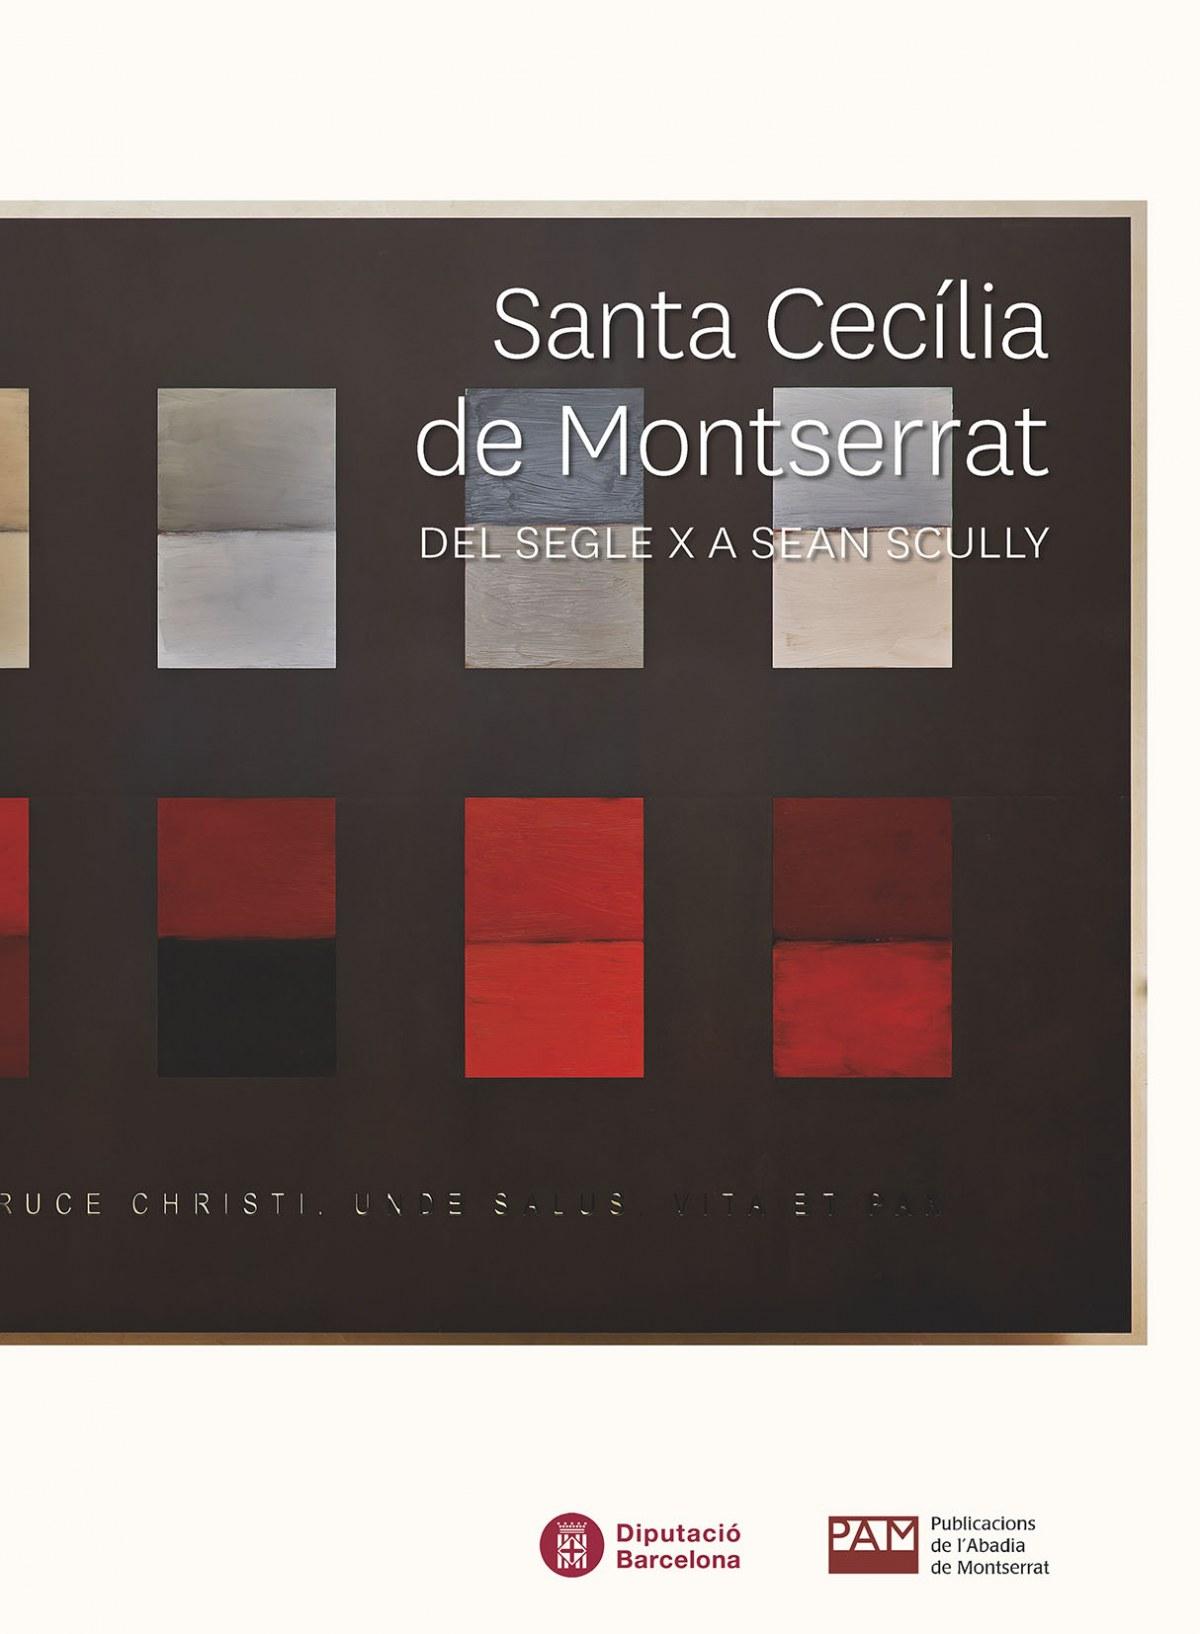 SANTA CECILIA DE MONTSERRAT DEL SEGLE X A SEAN SCULLY